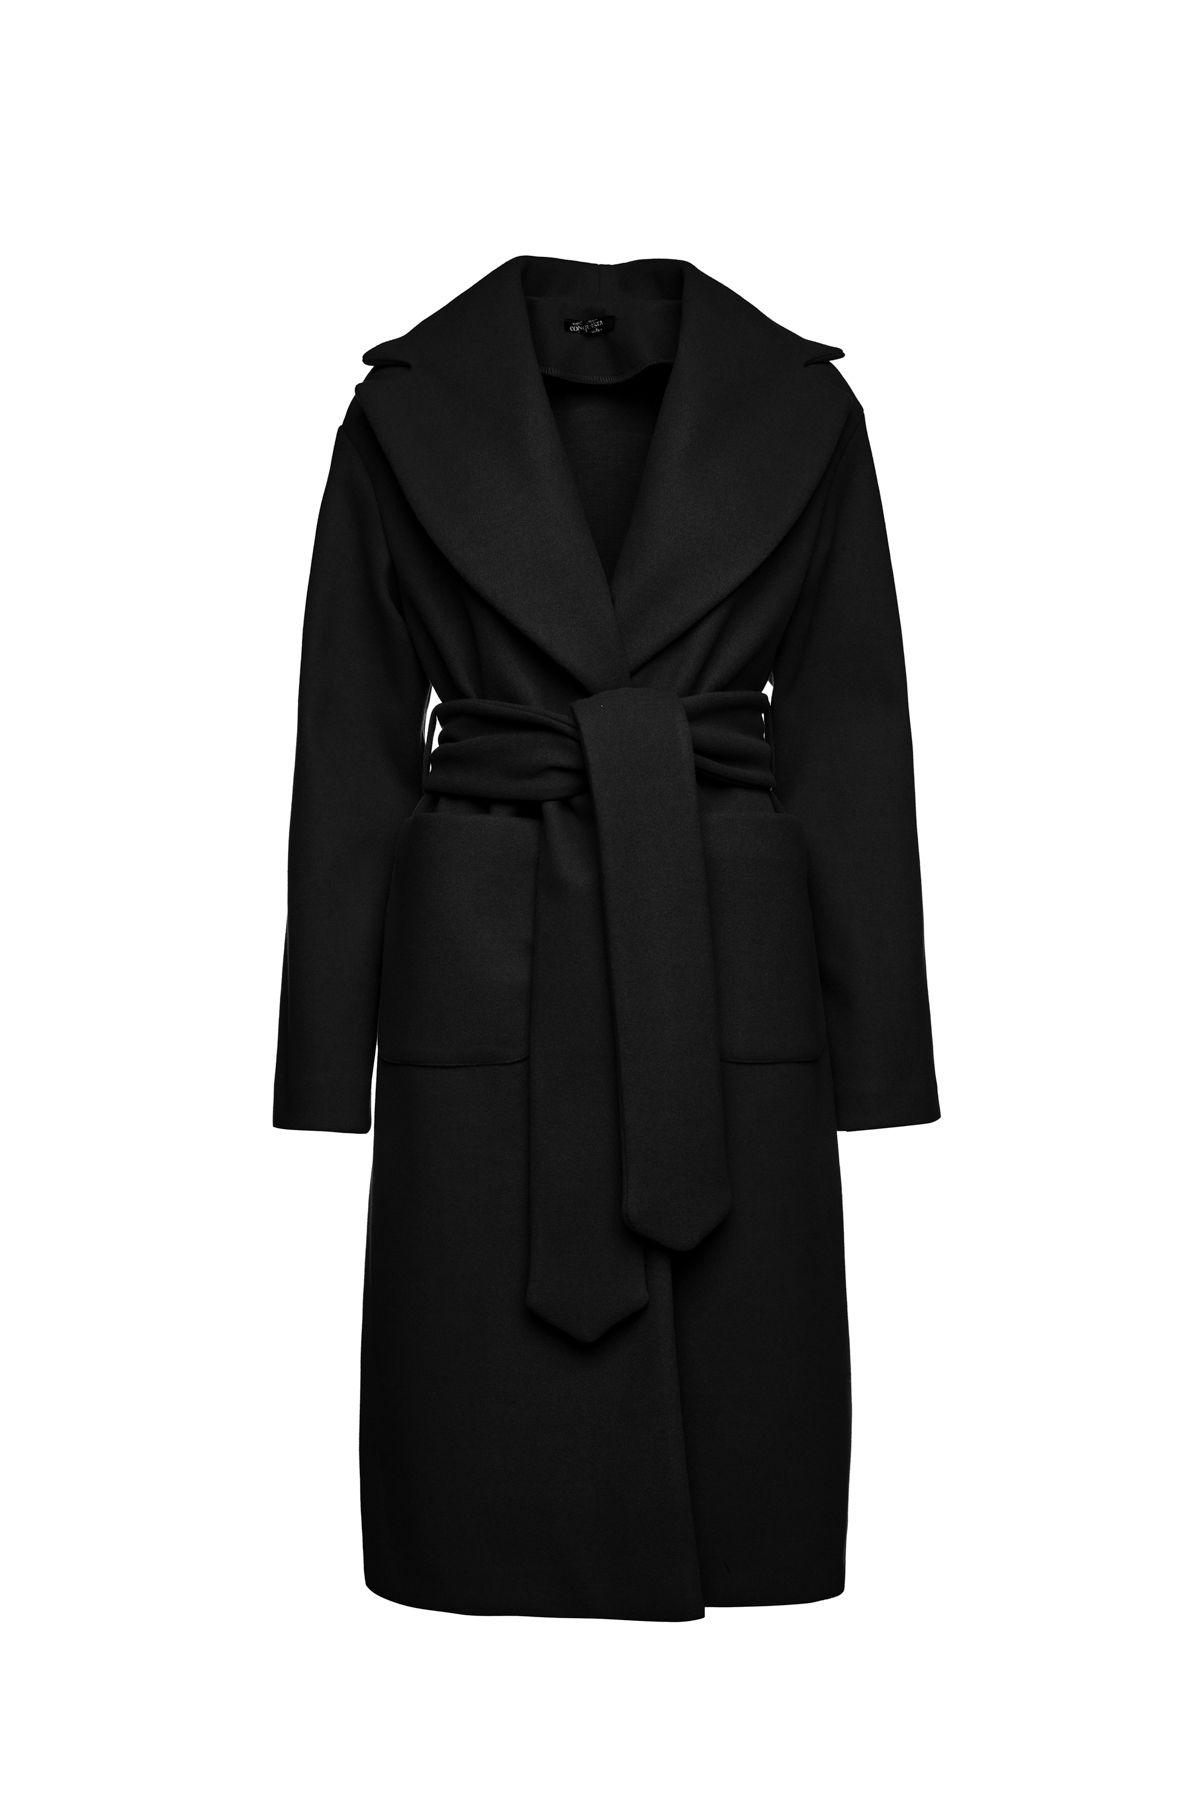 Long Black Mouflon Coat with Belt